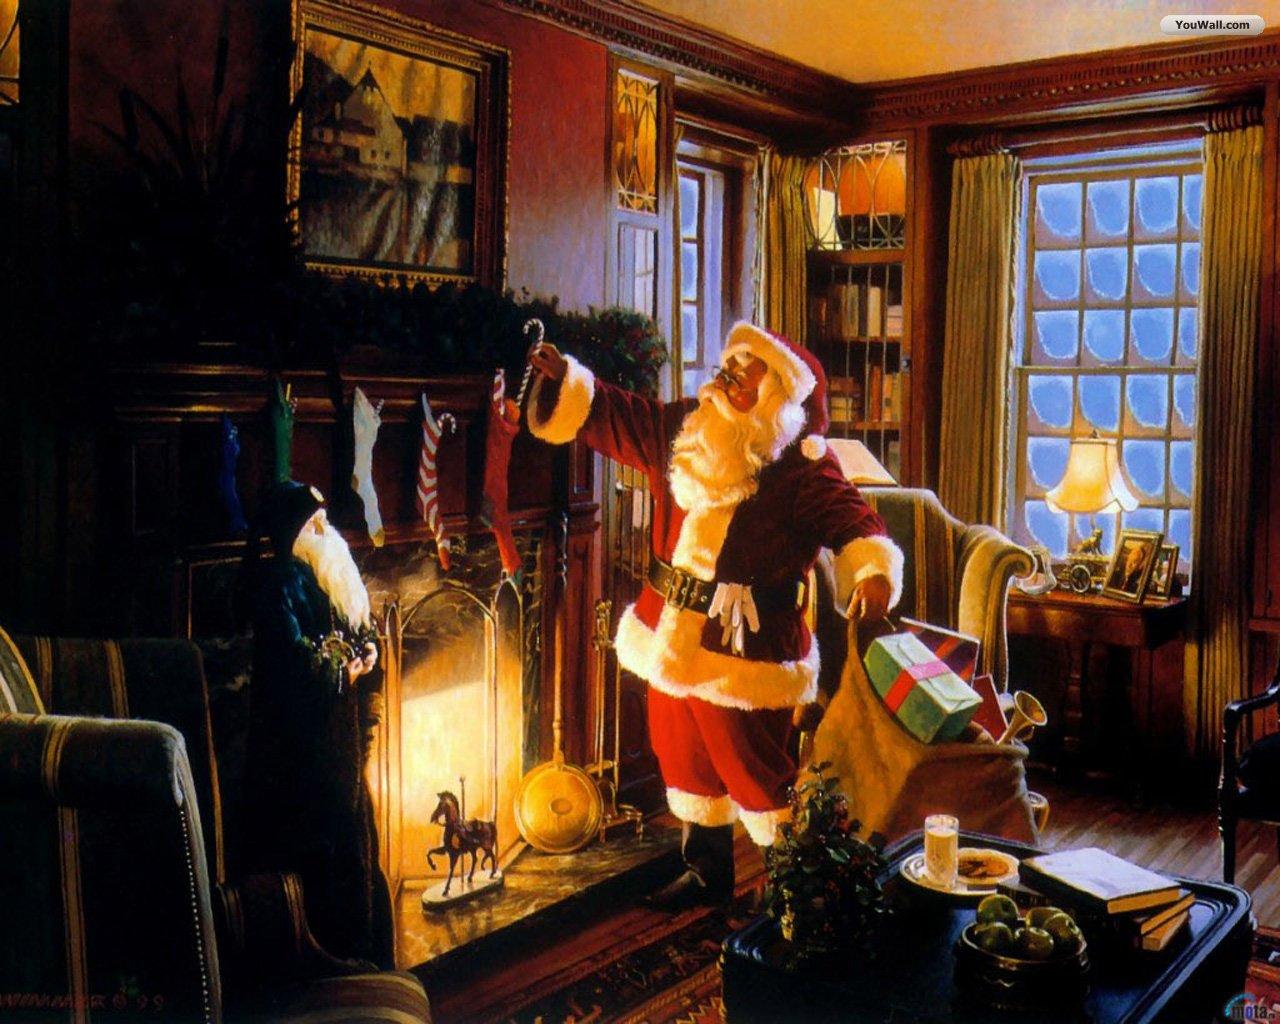 http://1.bp.blogspot.com/-rcan84A_dNM/UKIX4UpYvKI/AAAAAAAAAok/_L4-RQLwlPI/s1600/wallpaper+santa+claus1-assignment-x.blogspot.com-santa_claus_wallpaper_5fc04.jpg